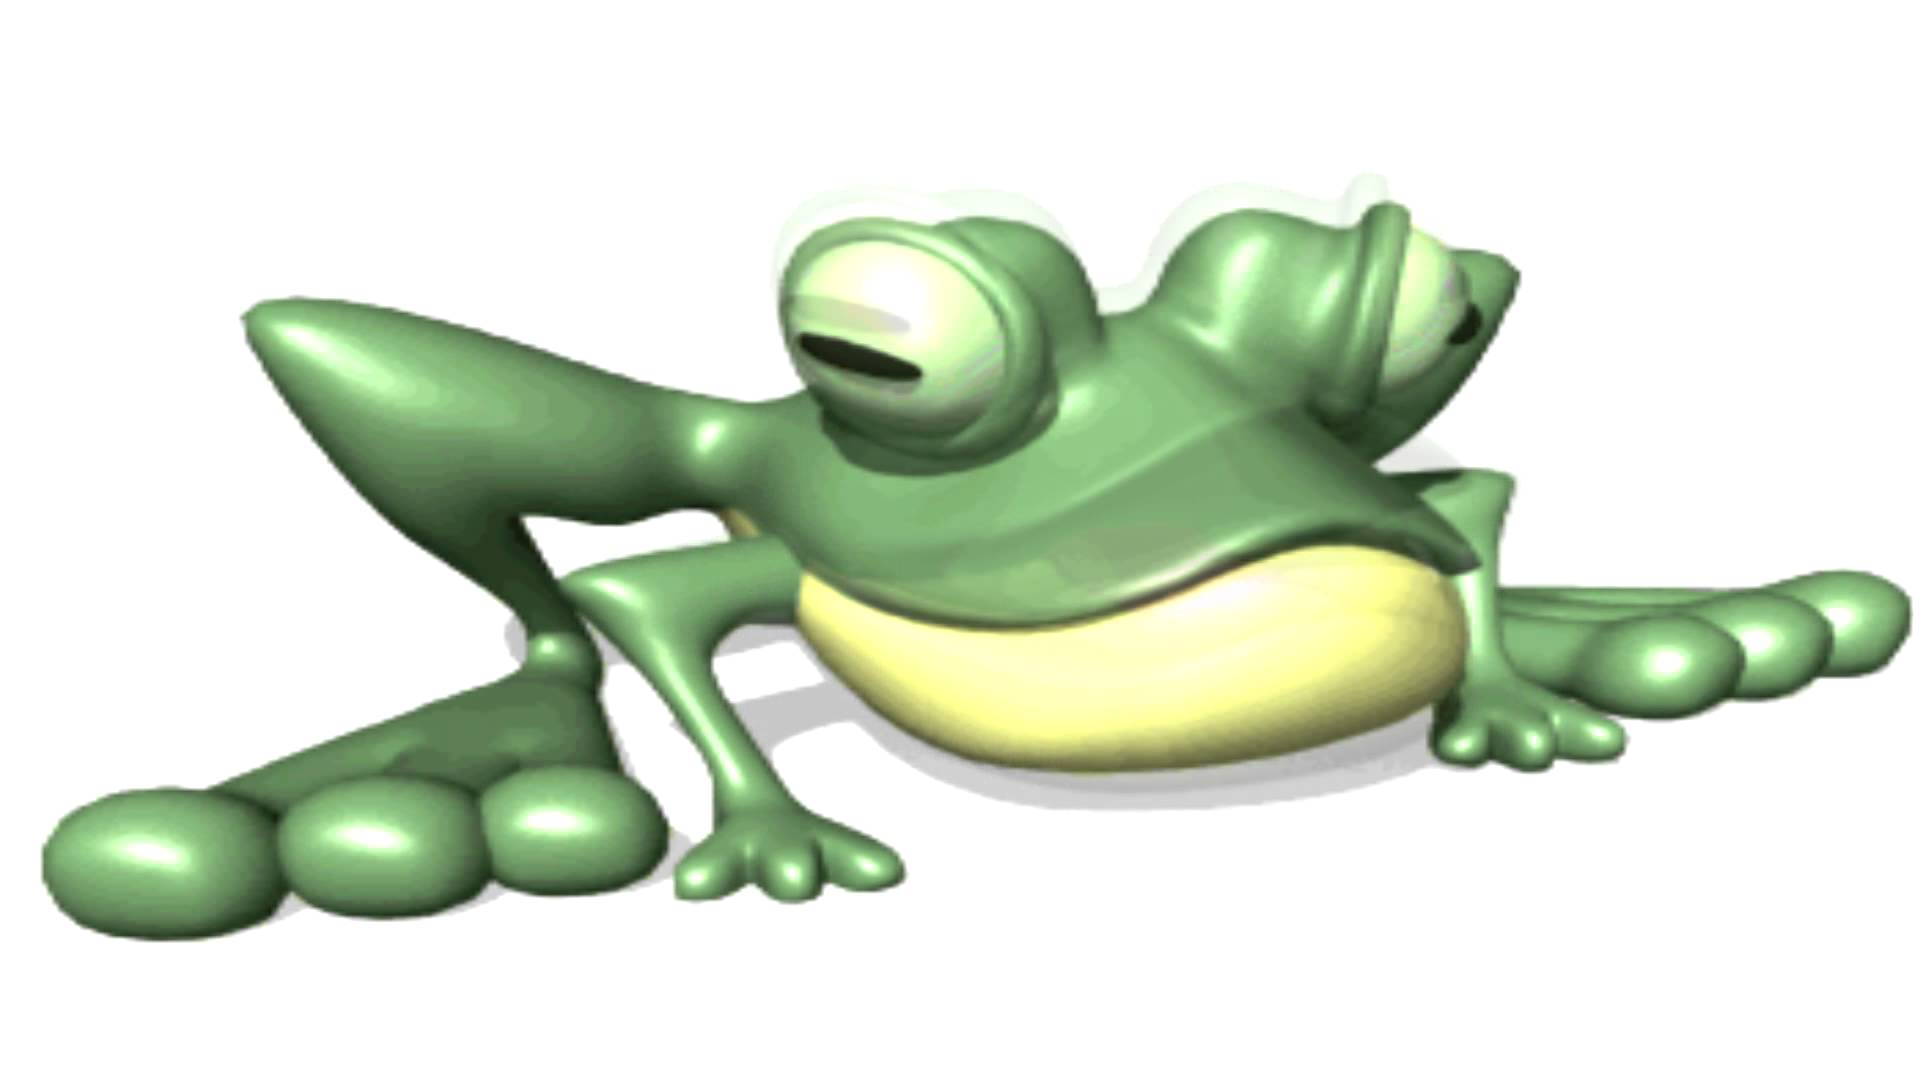 The Animal Sounds,sonido de la rana, frog croaking, sonido de.